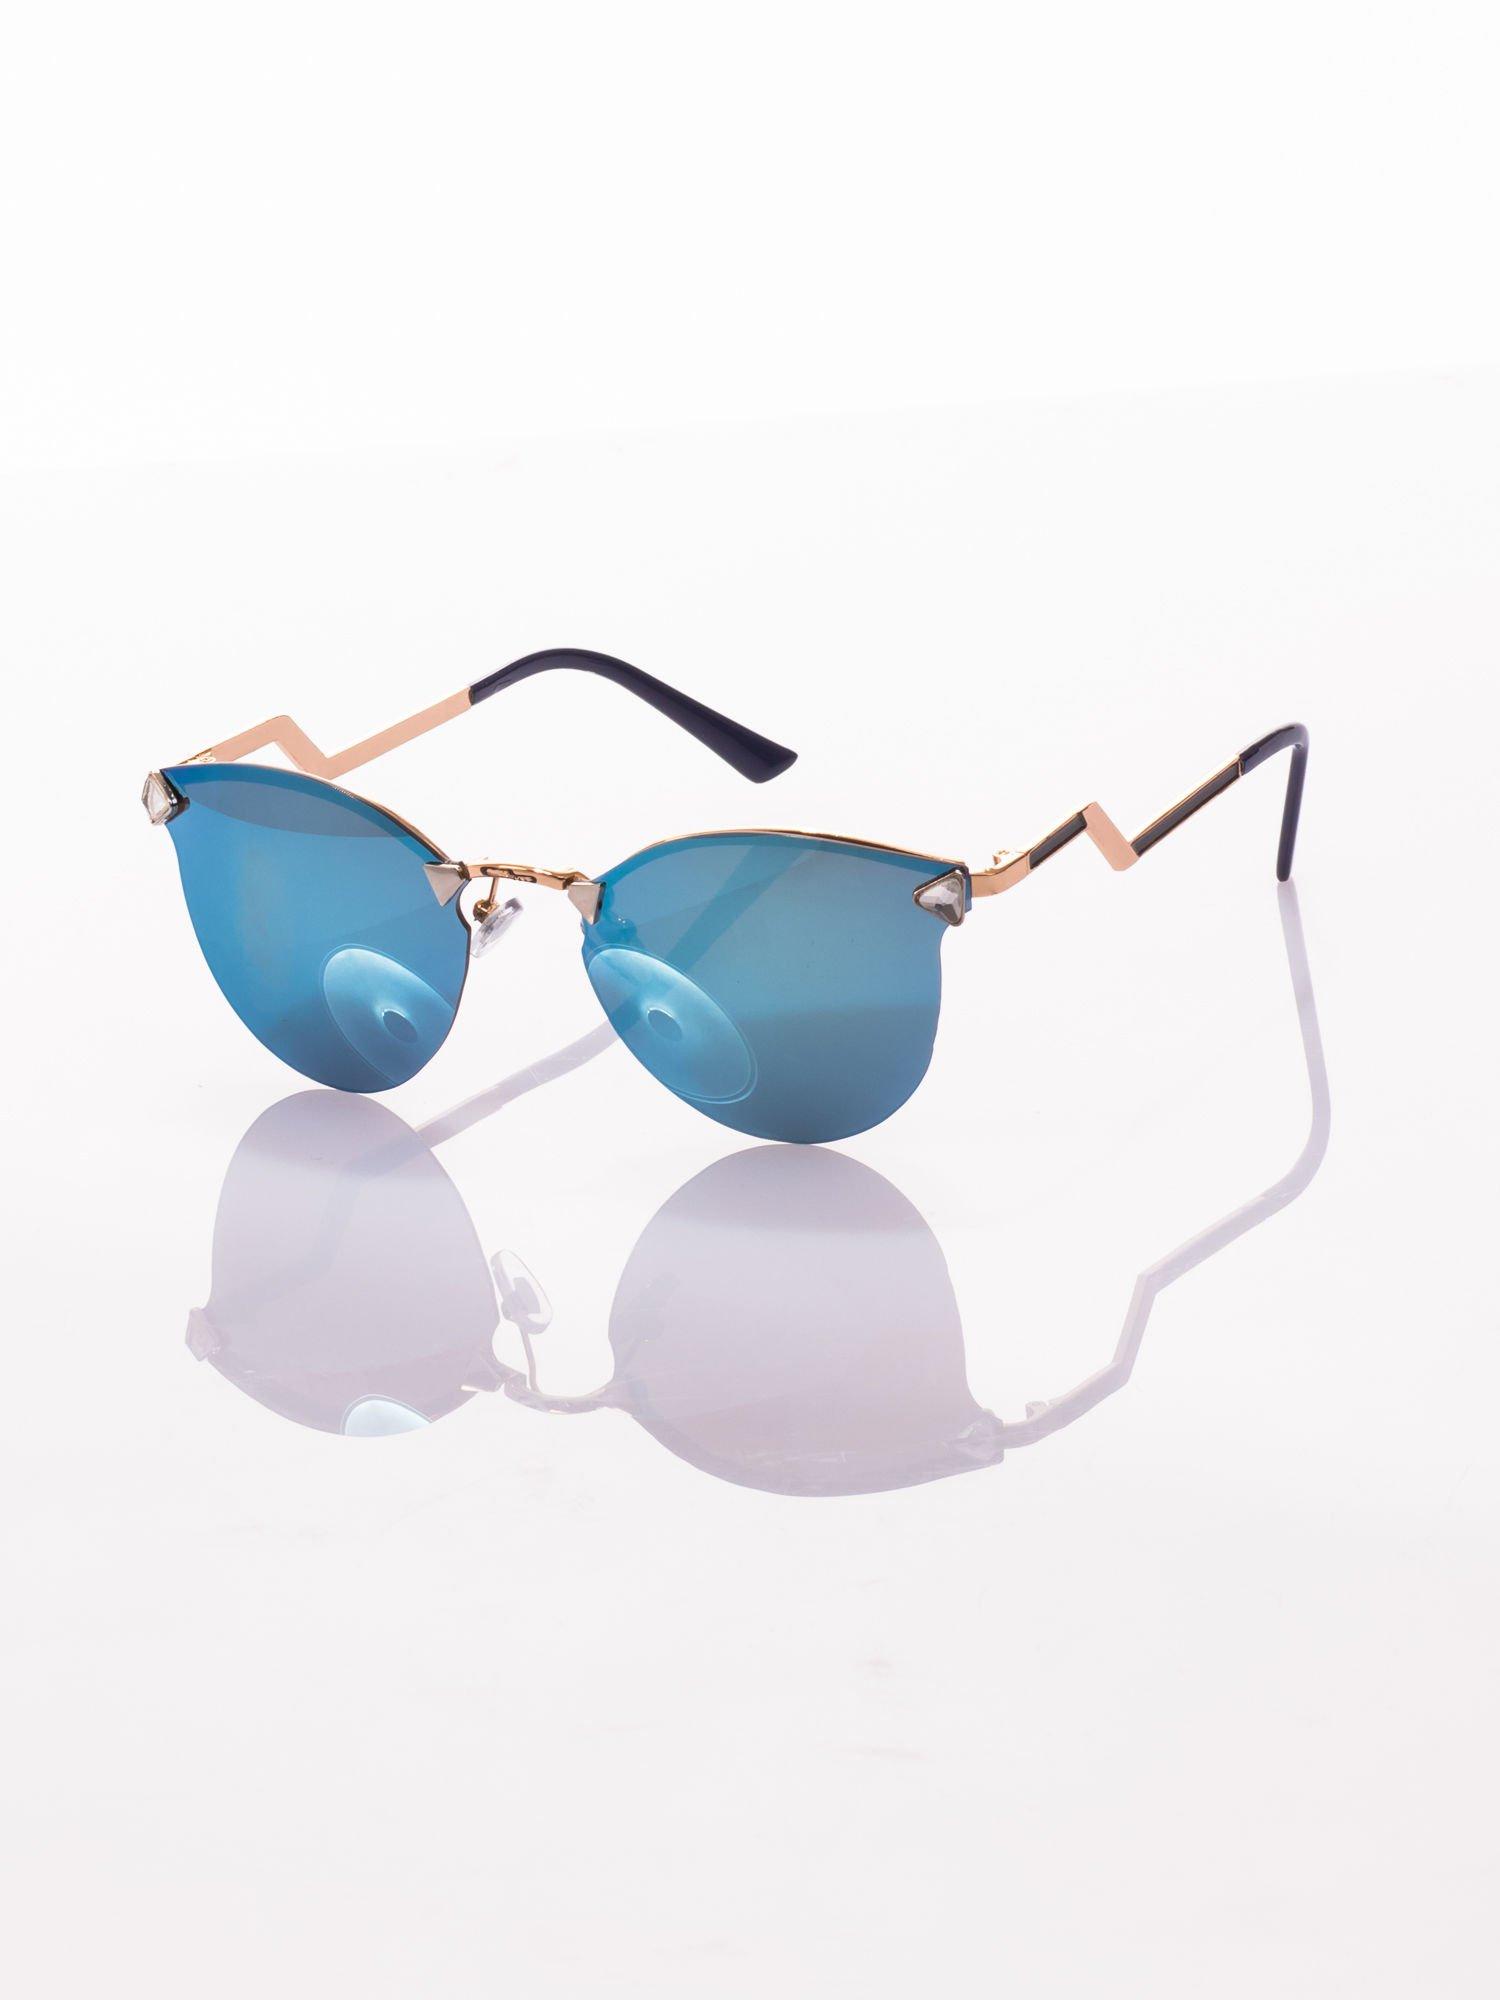 b5556f16b1dba Niebieskie przeciwsłoneczne lustrzanki z